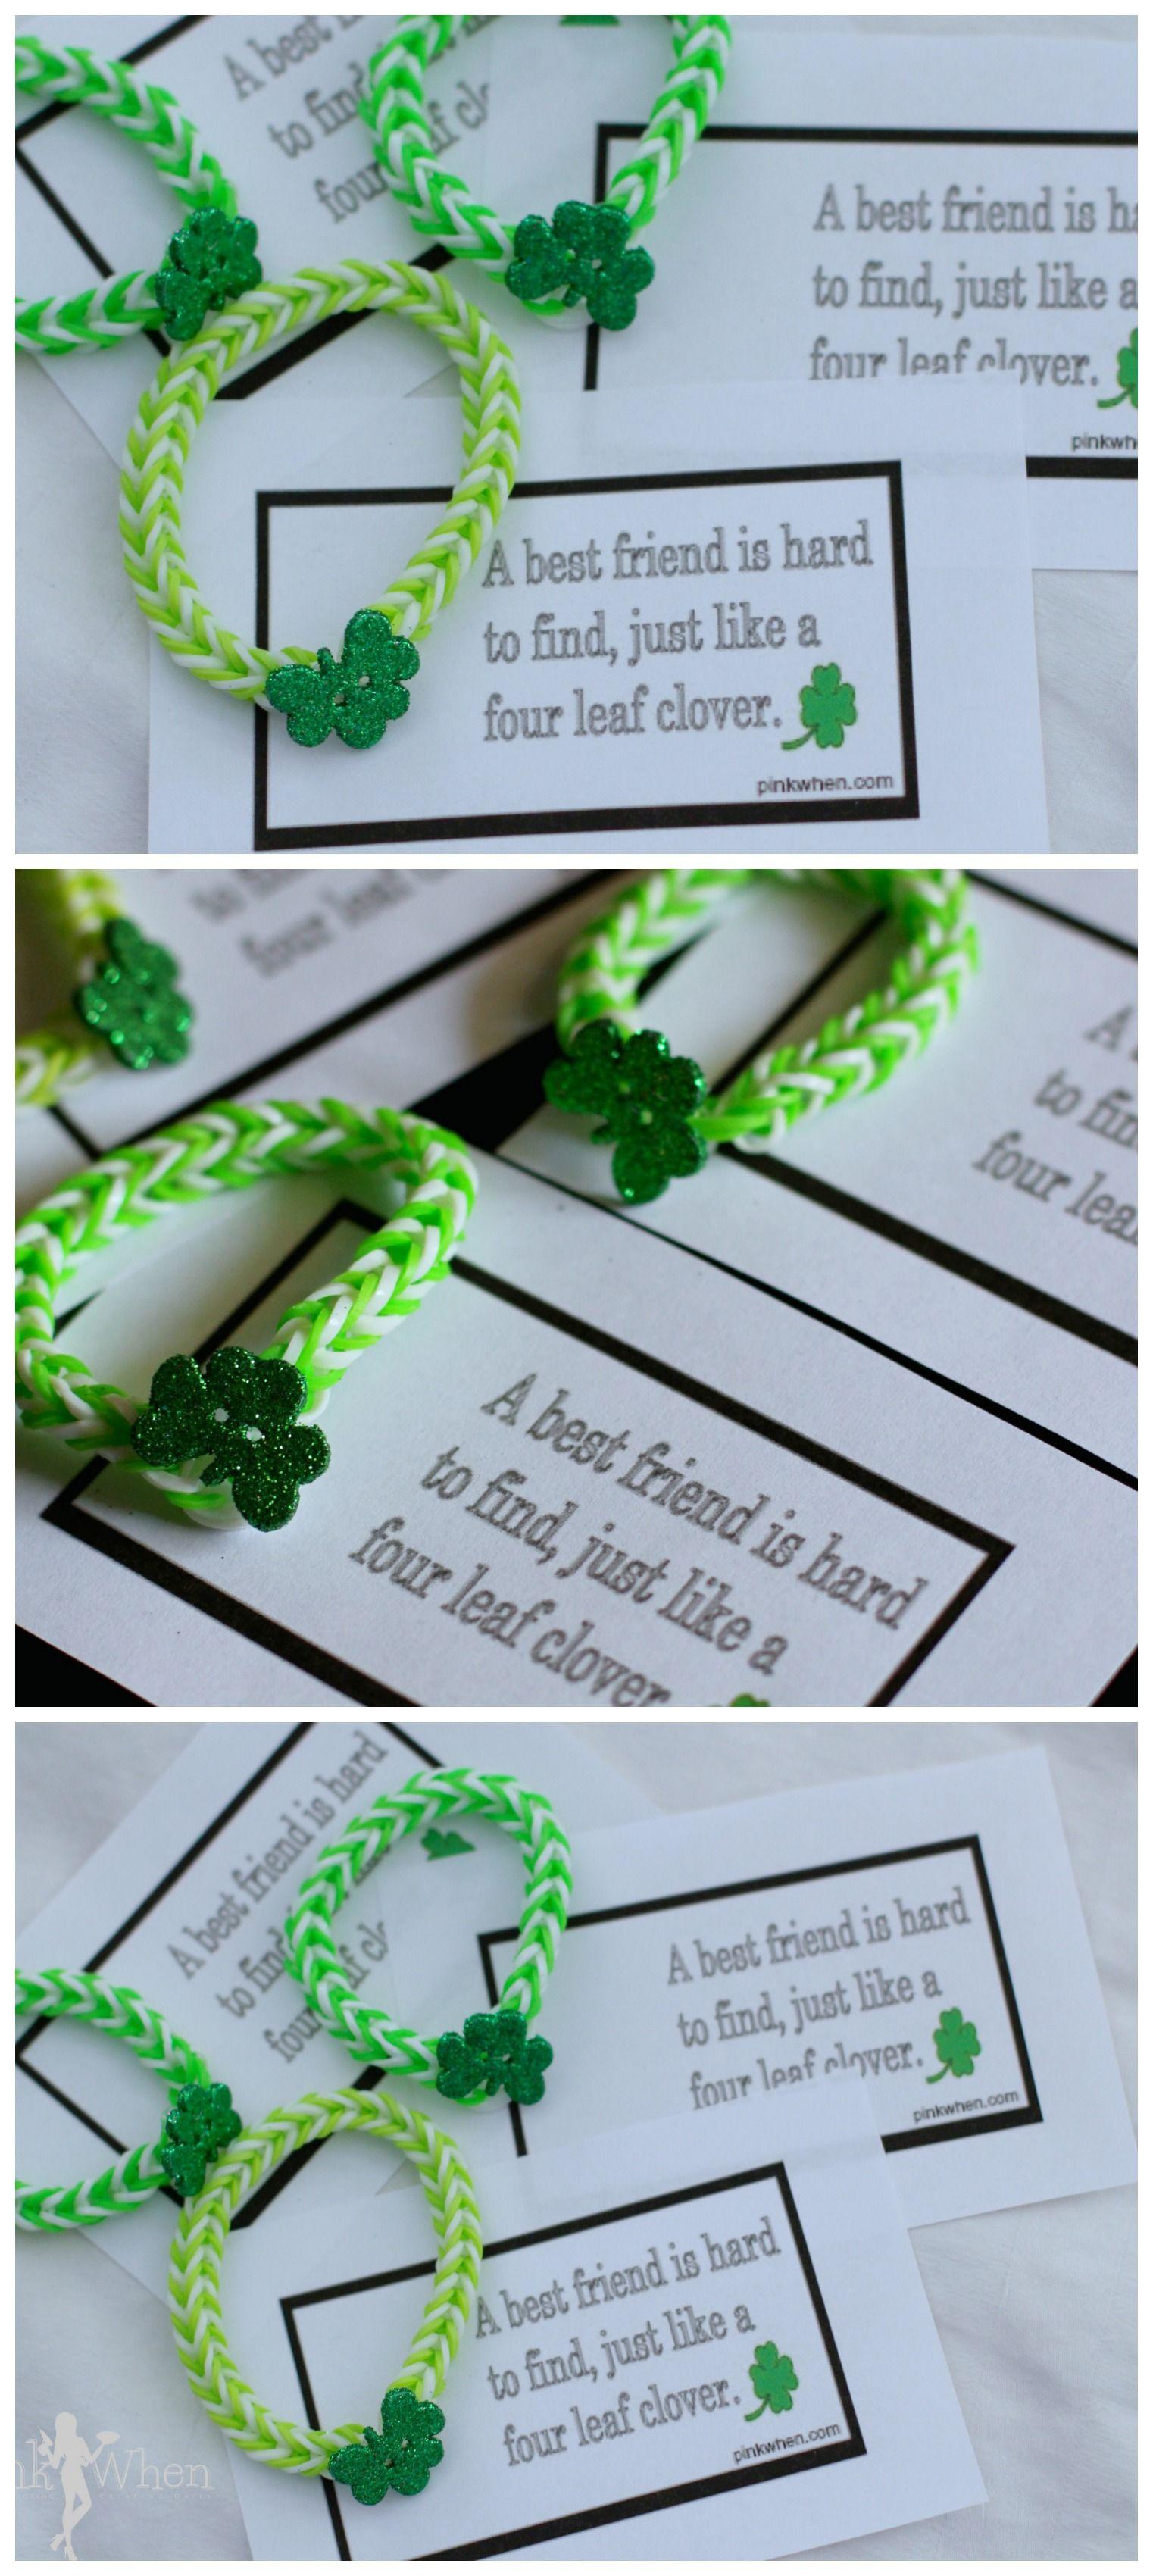 Rainbow Loom Lucky Charm Bracelet And